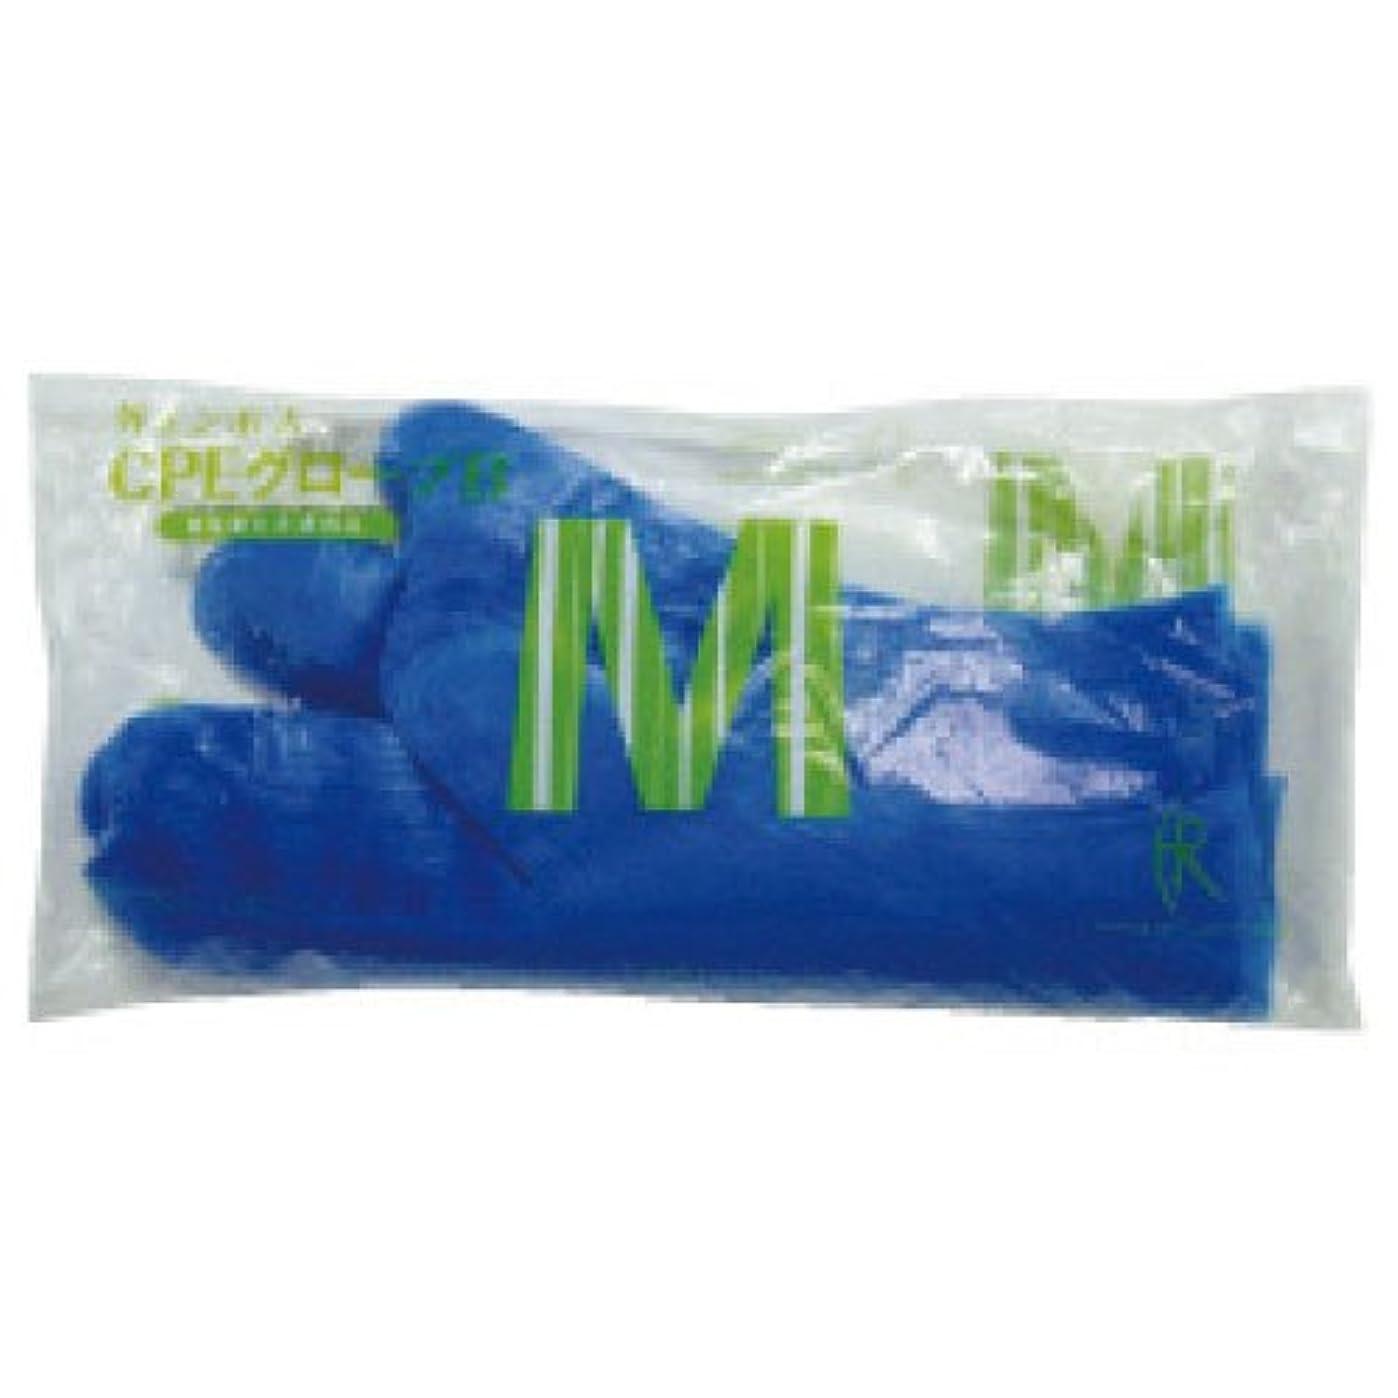 いらいらさせる障害者深いファーストレイト CPEグローブB(ブルー) FR-864(M)100マイイリ